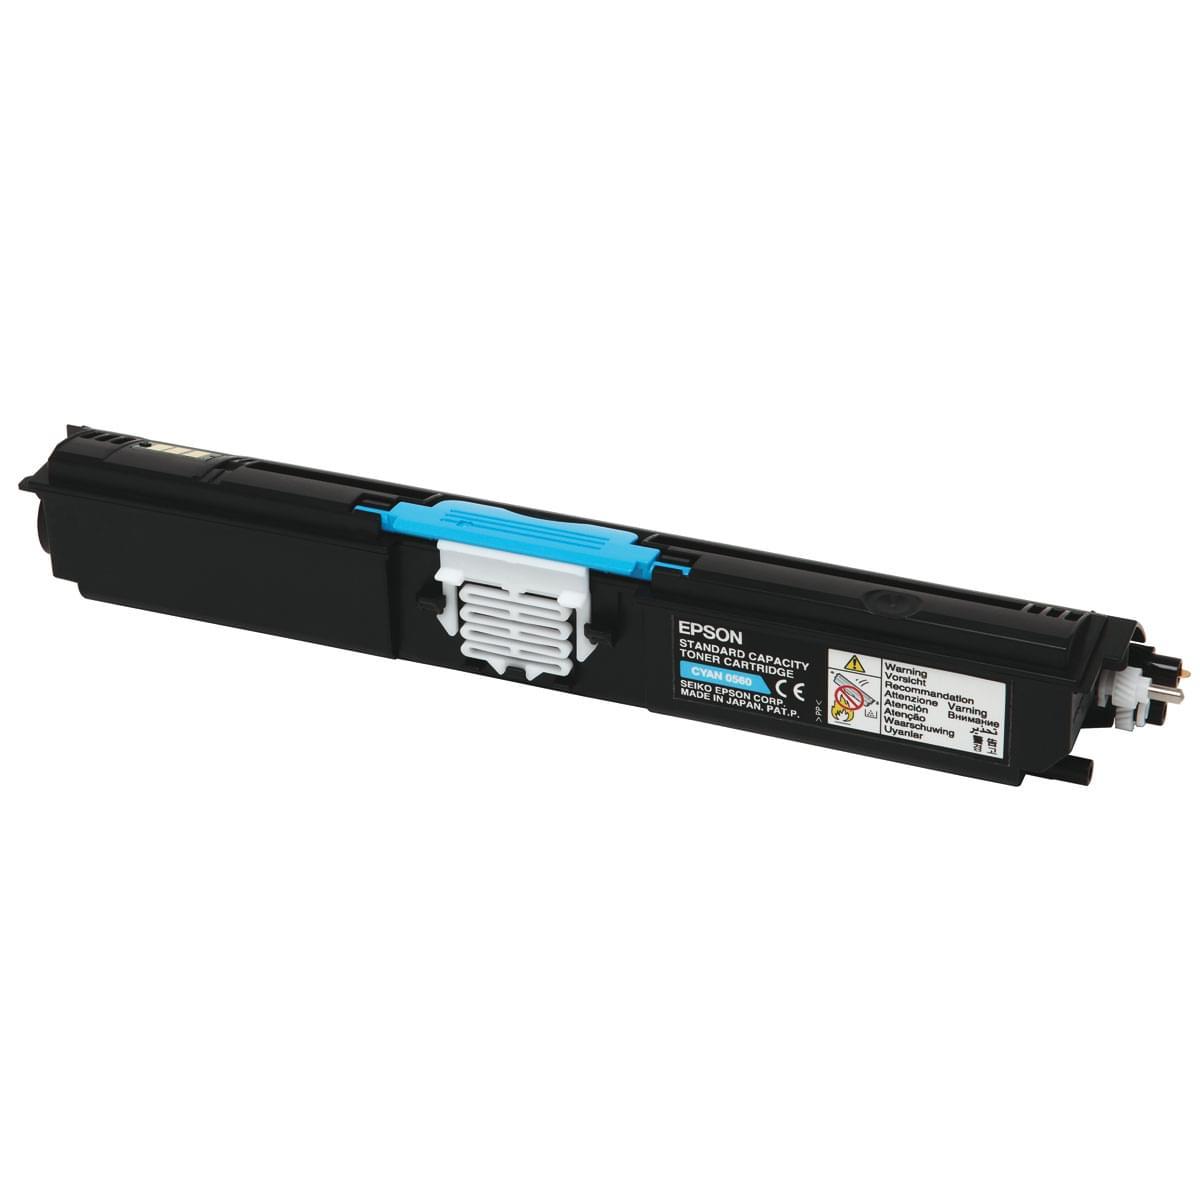 Toner Cyan 1600p - C13S050560 pour imprimante Laser Epson - 0